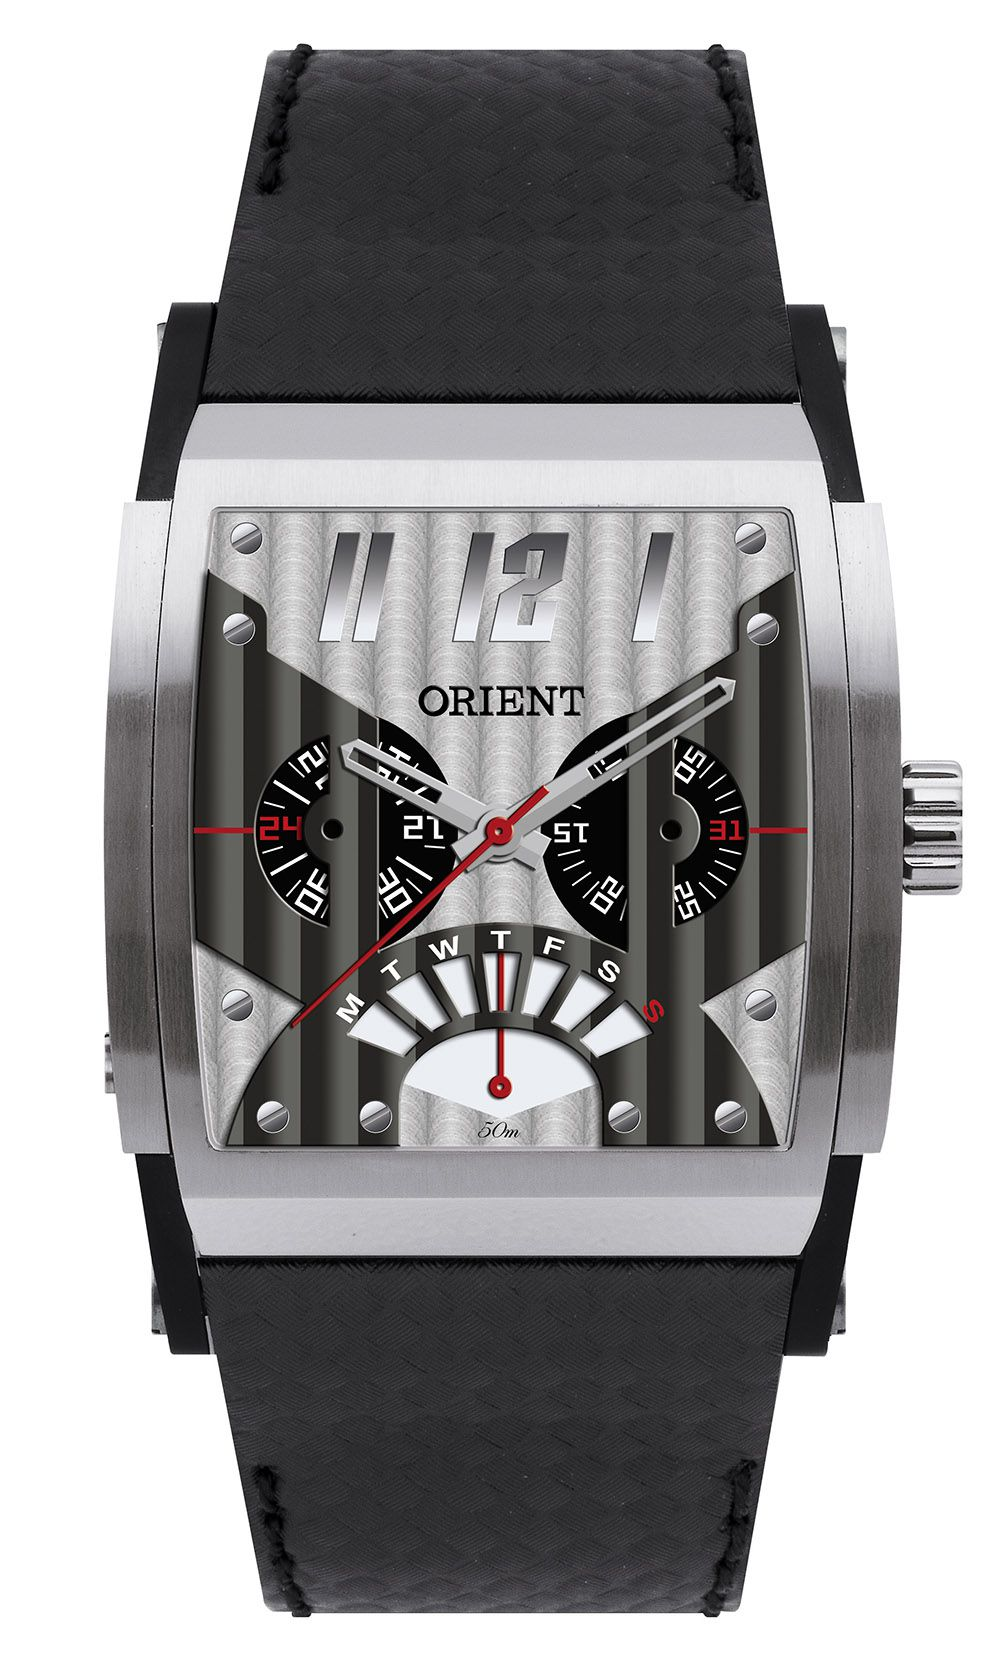 Relógio Masculino Casual Preto GTSCM001 Orient